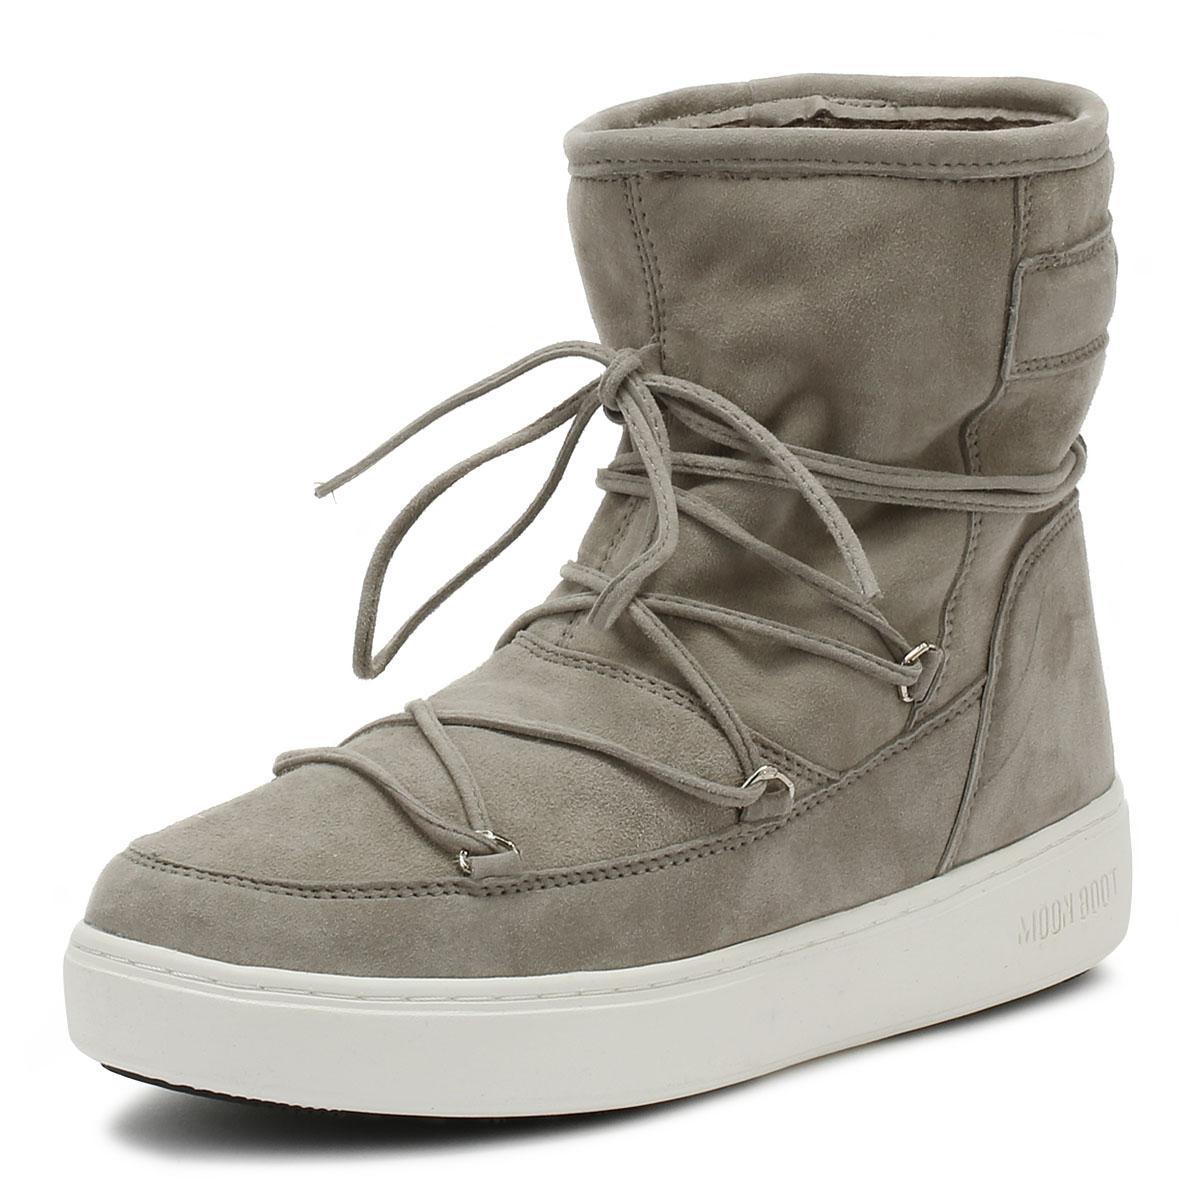 cómodo Moon bota pulso Mid Mid Mid Mujer botas gris Claro Zapatos De Gamuza caliente de invierno señoras  entrega gratis